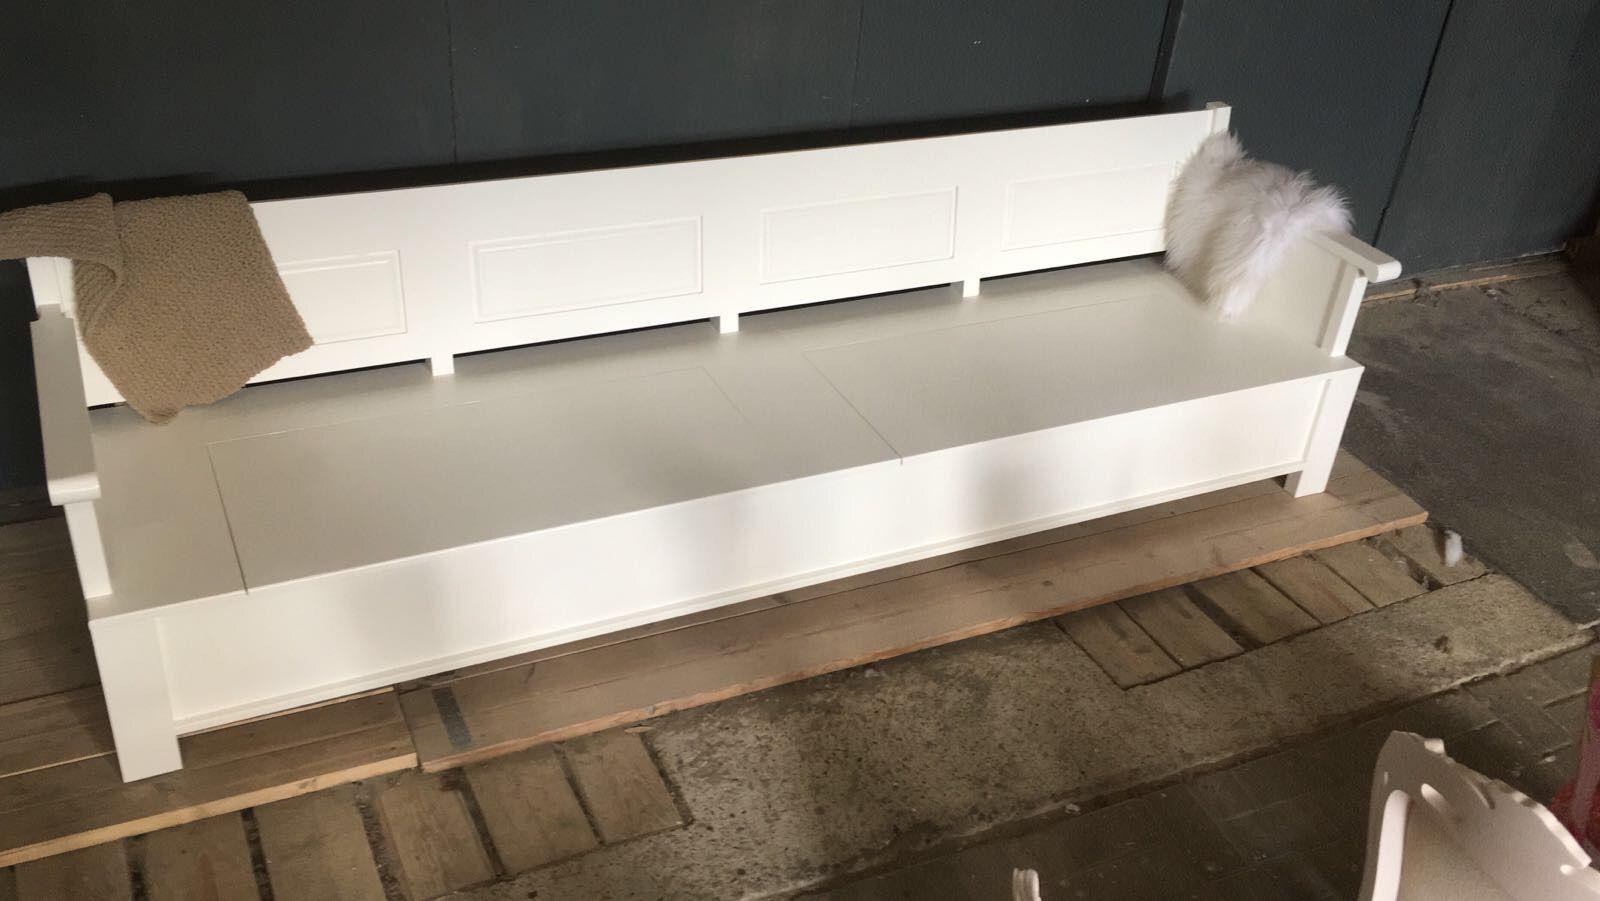 Lounge klepbank met extra diepe zit  Keuken  Eettafel